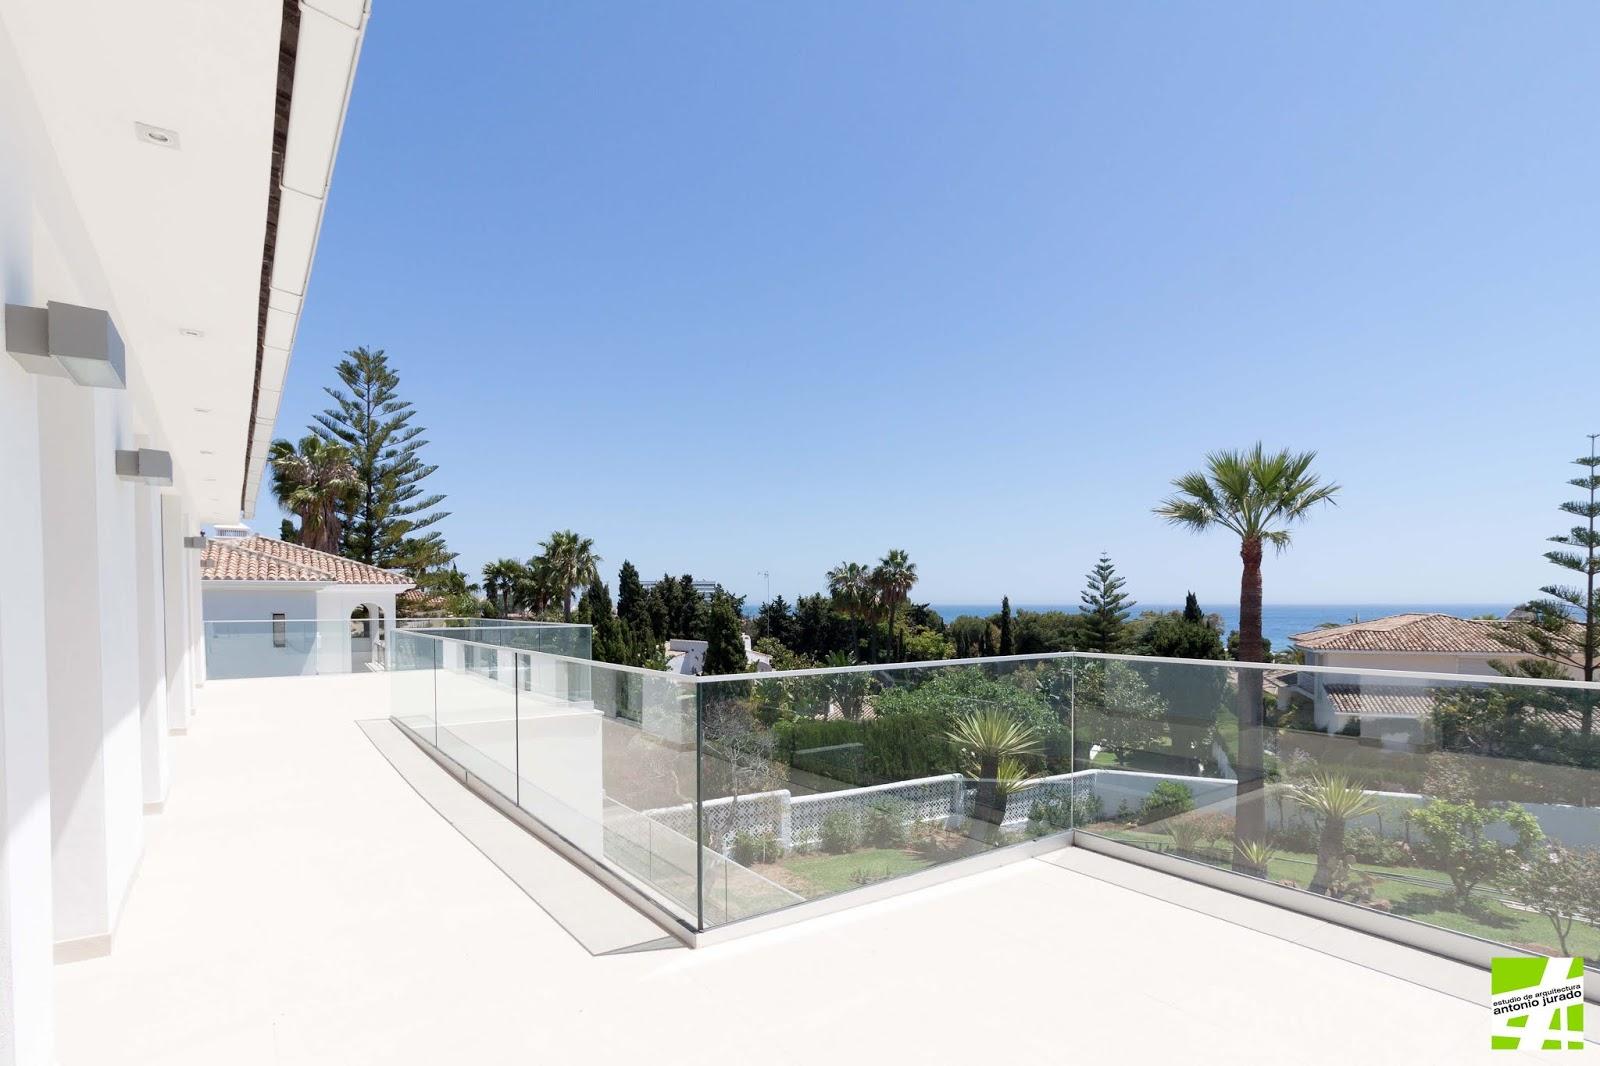 casa-ph-marbella-malaga-antonio-jurado-arquitecto-13